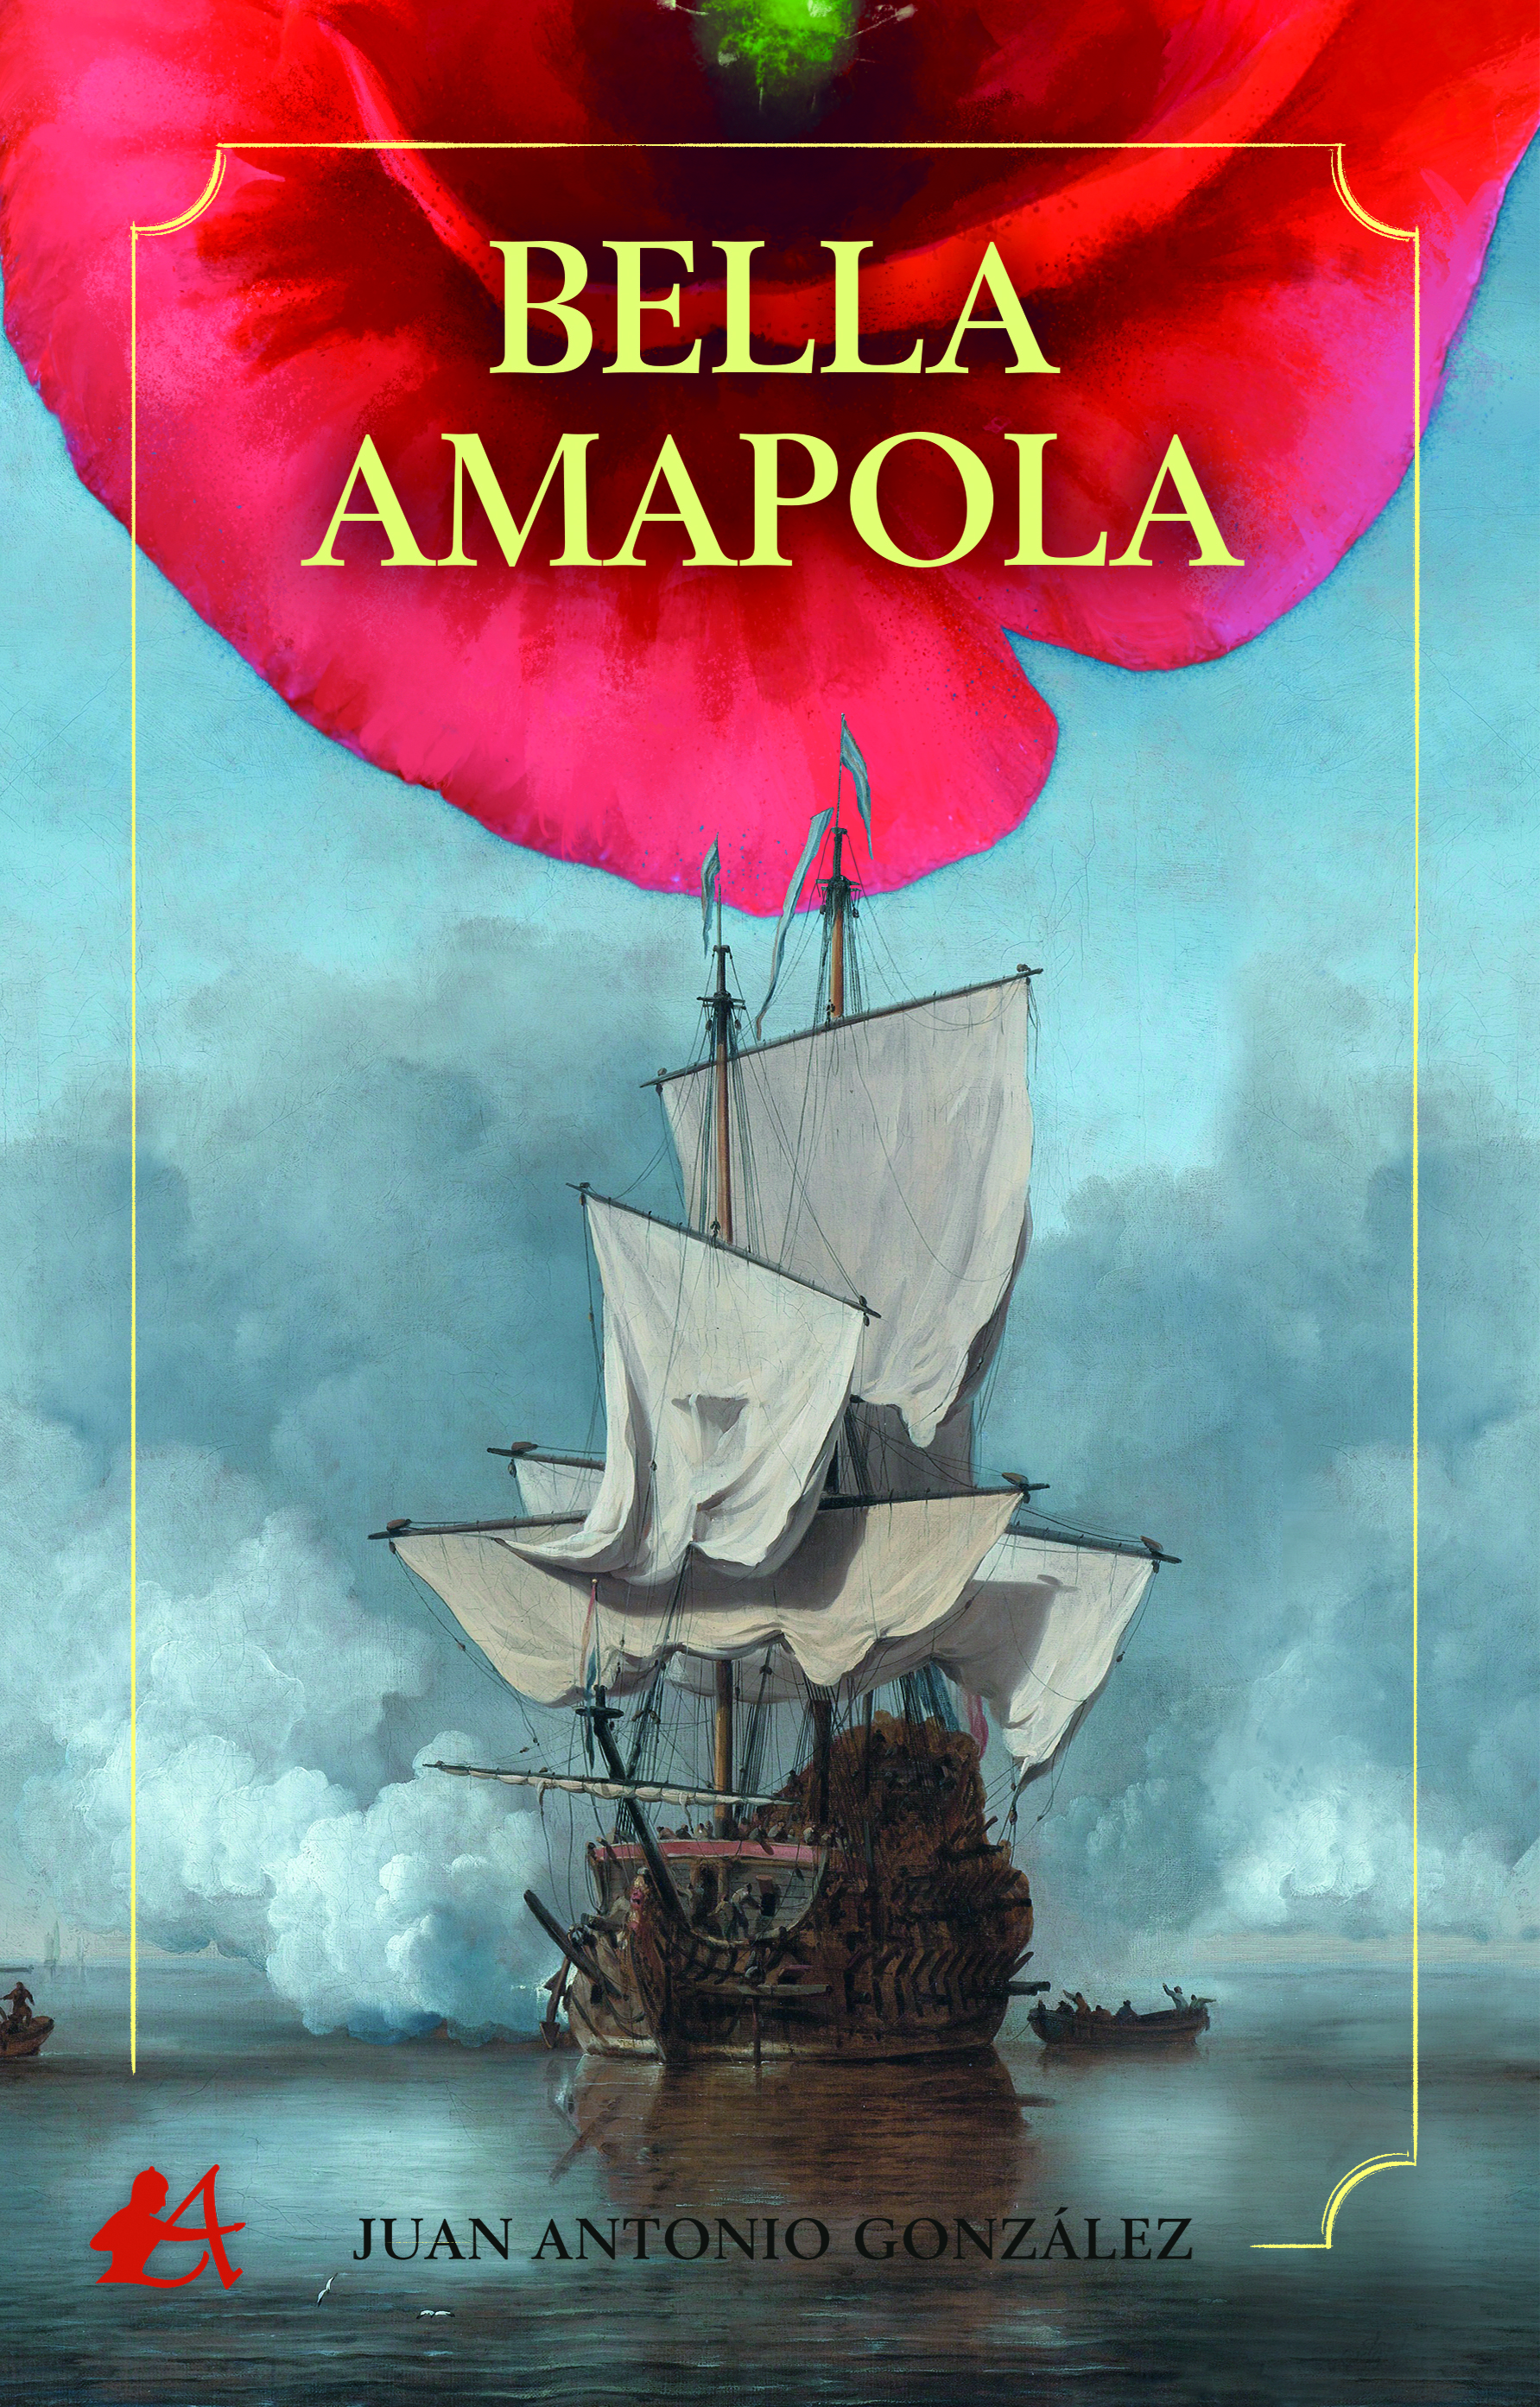 Portada del libro Bella amapola de José Antonio González Cejas. Editorial Adarve, Publicar un libro